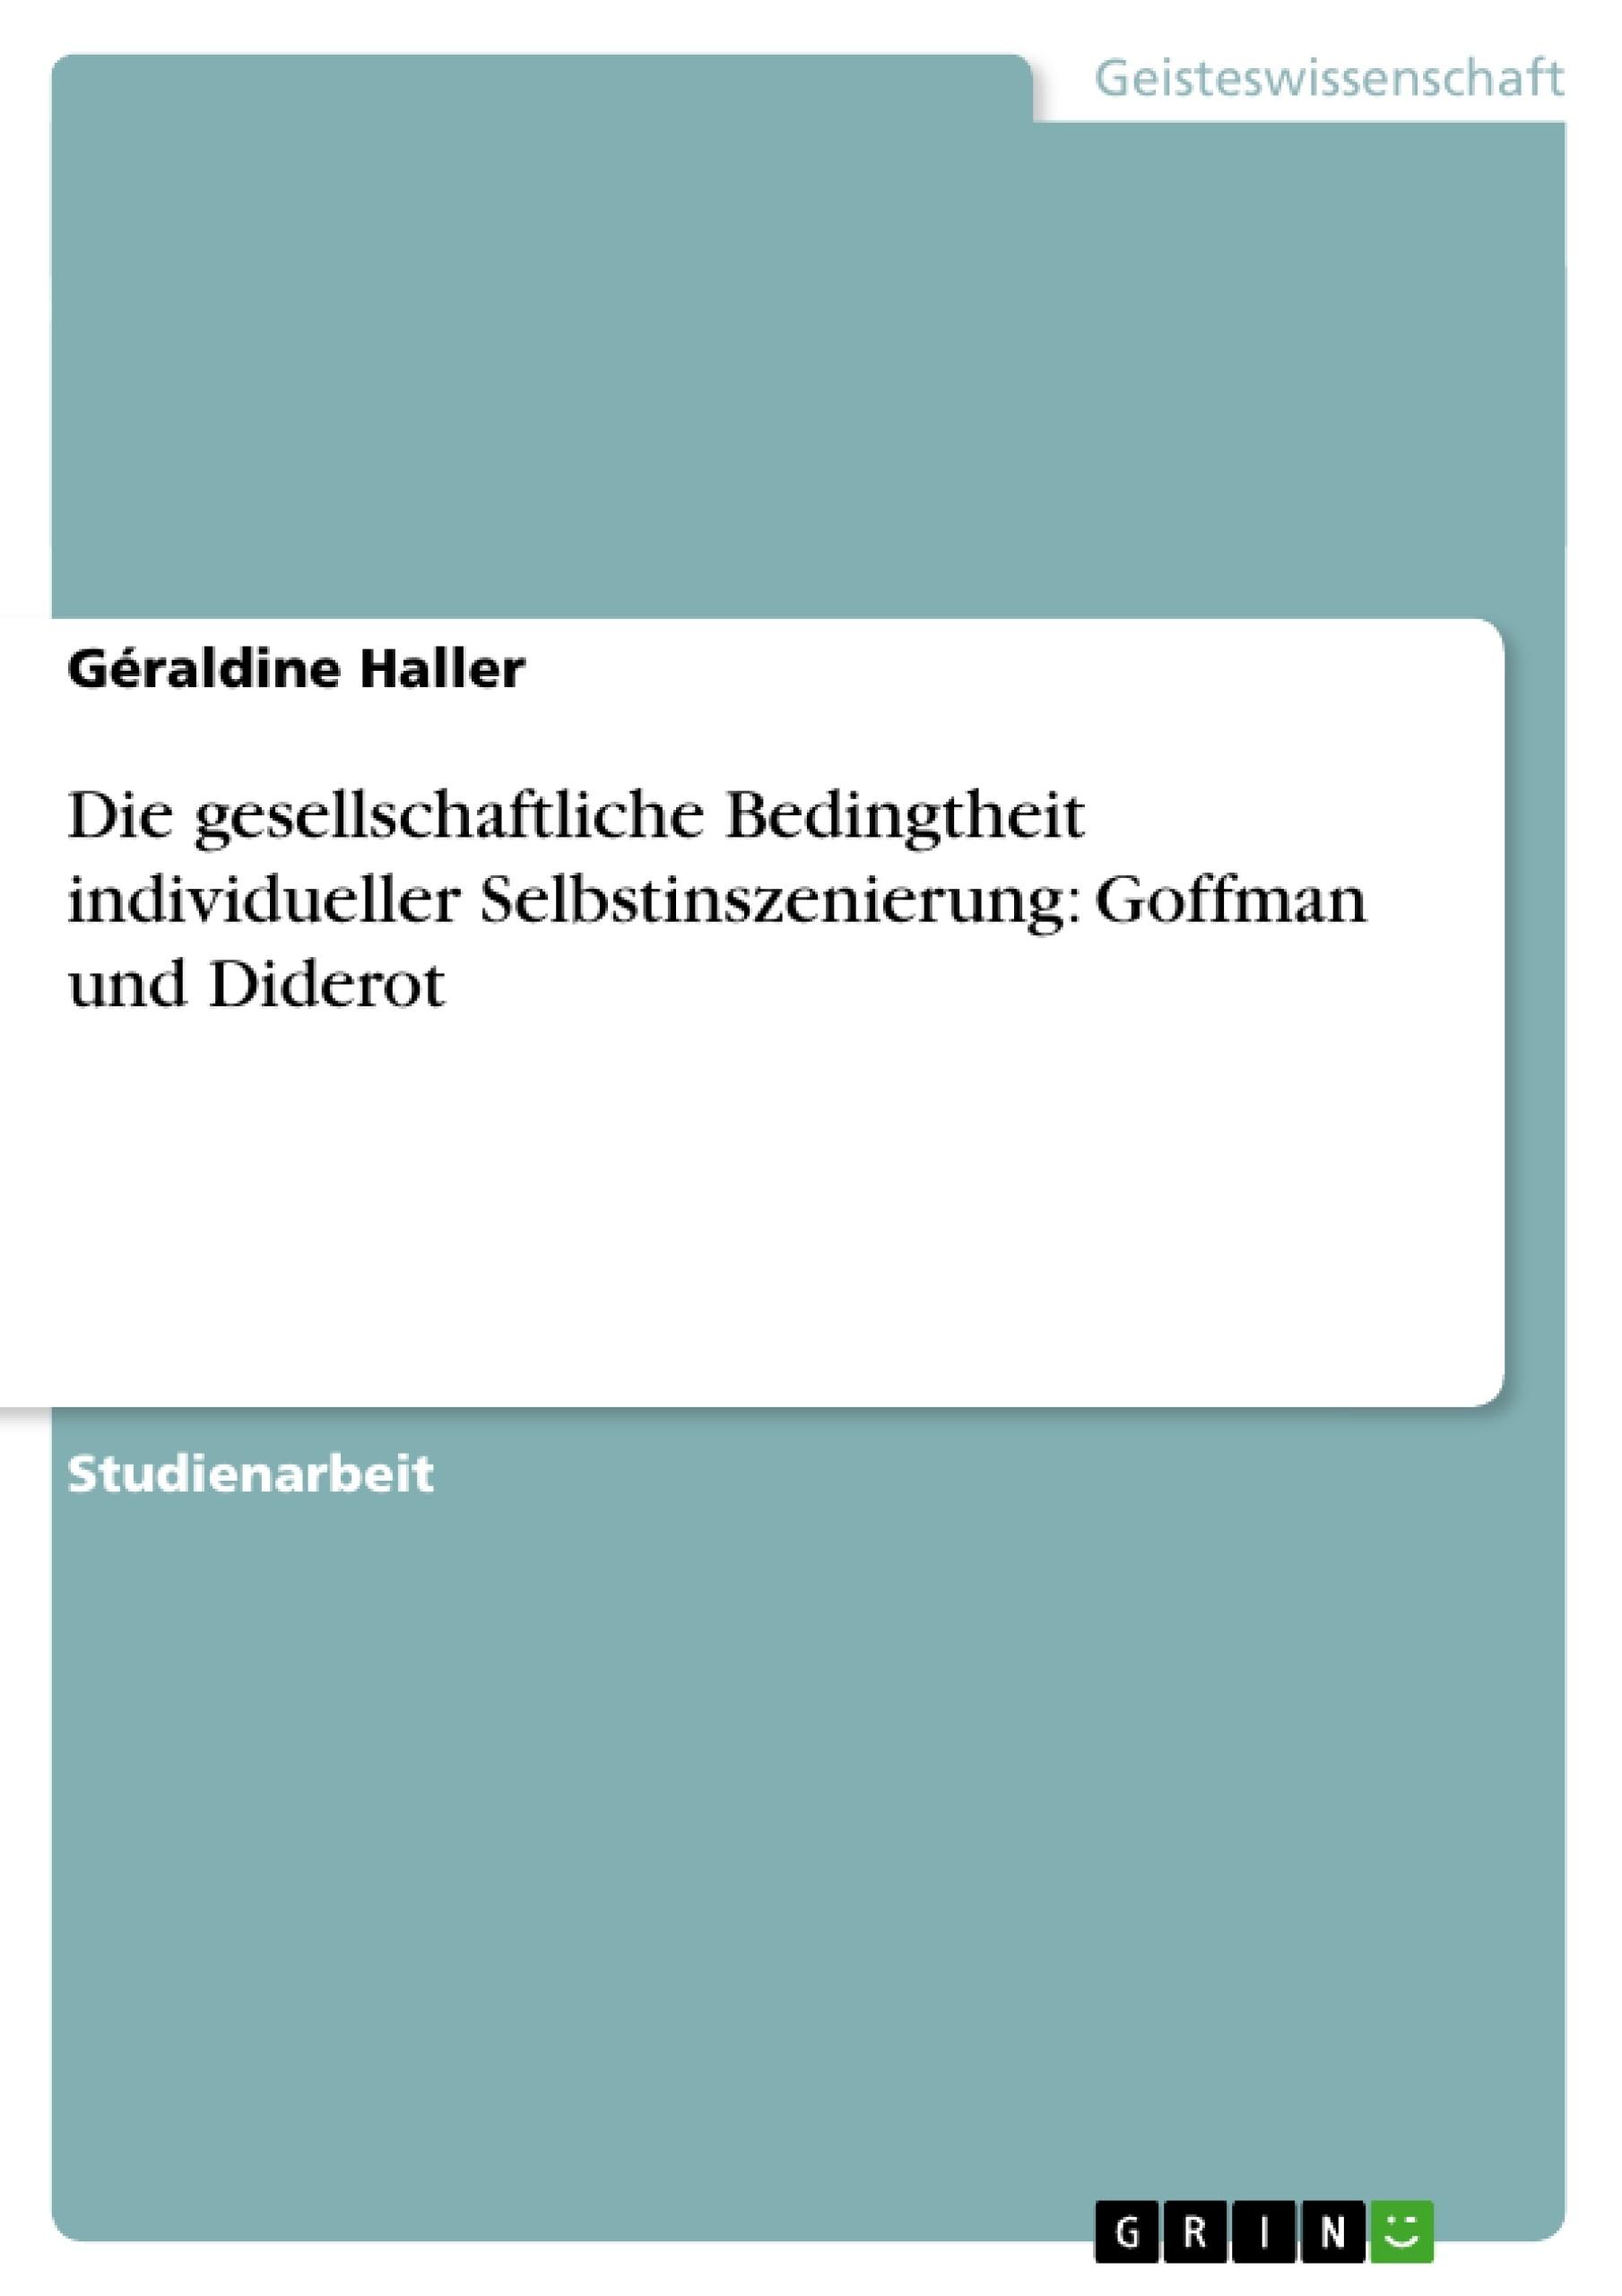 Titel: Die gesellschaftliche Bedingtheit  individueller Selbstinszenierung: Goffman und Diderot